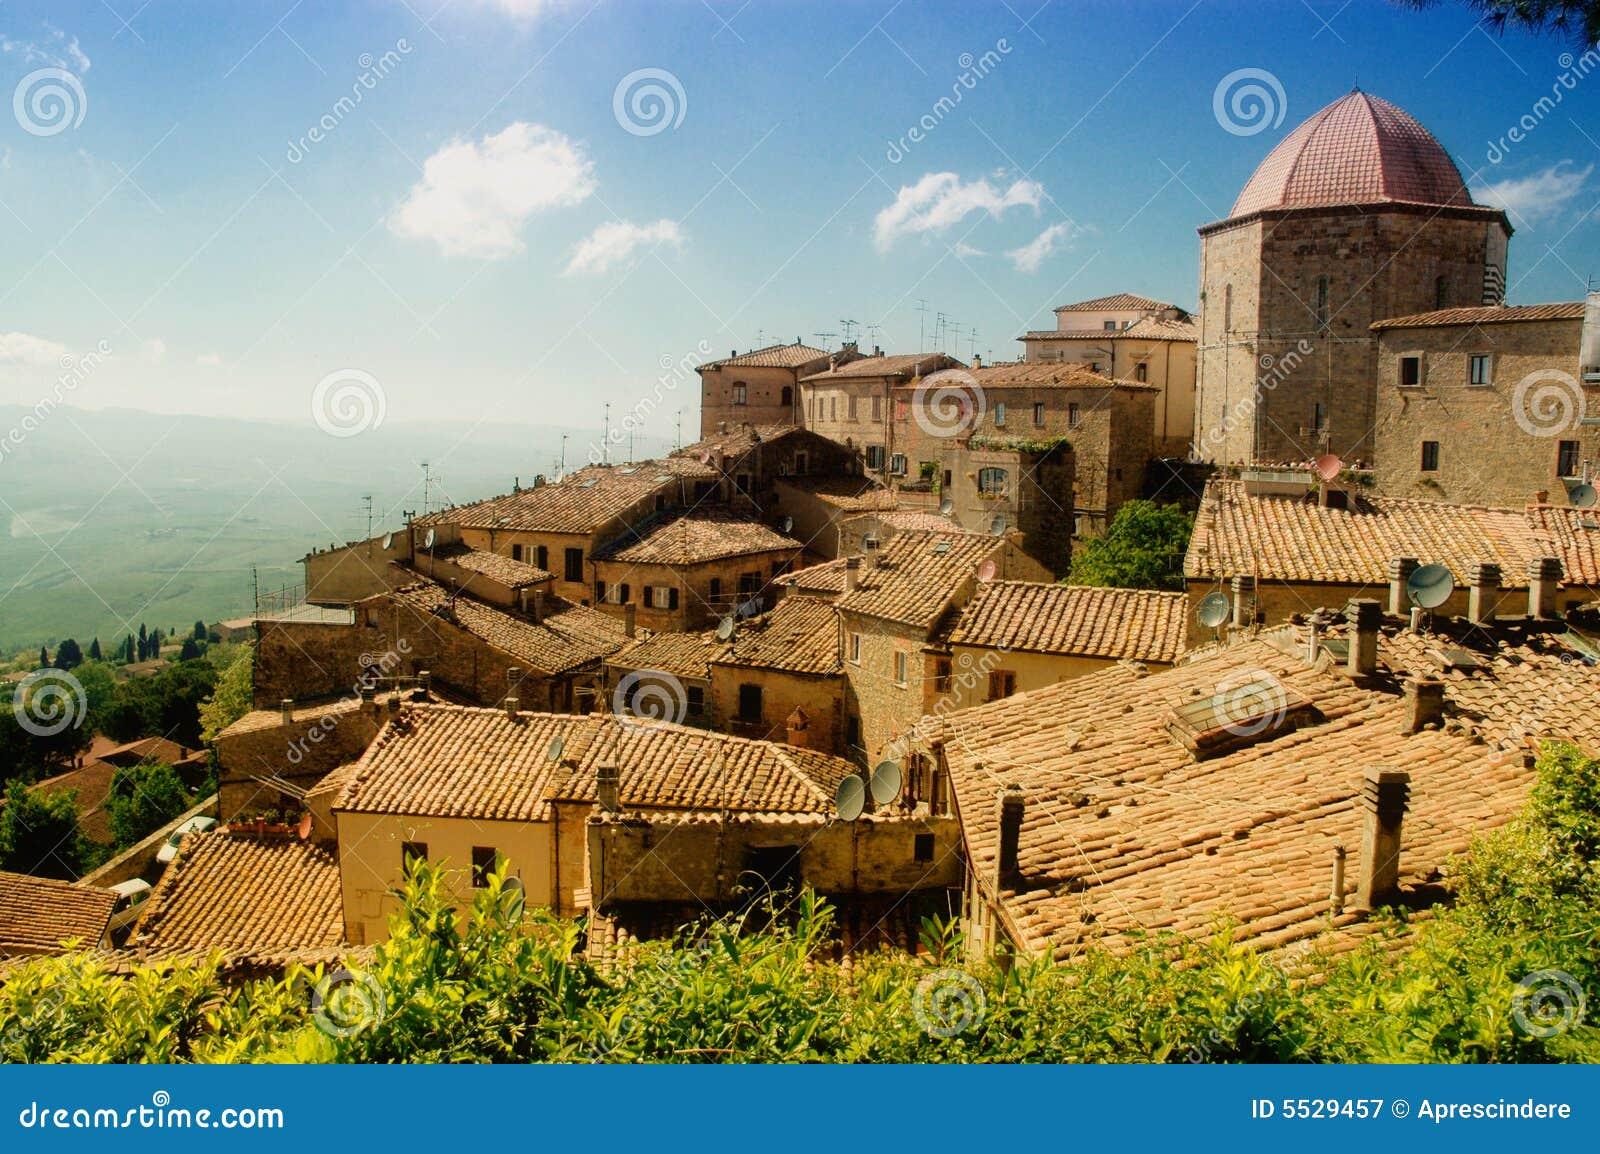 Tuscany by